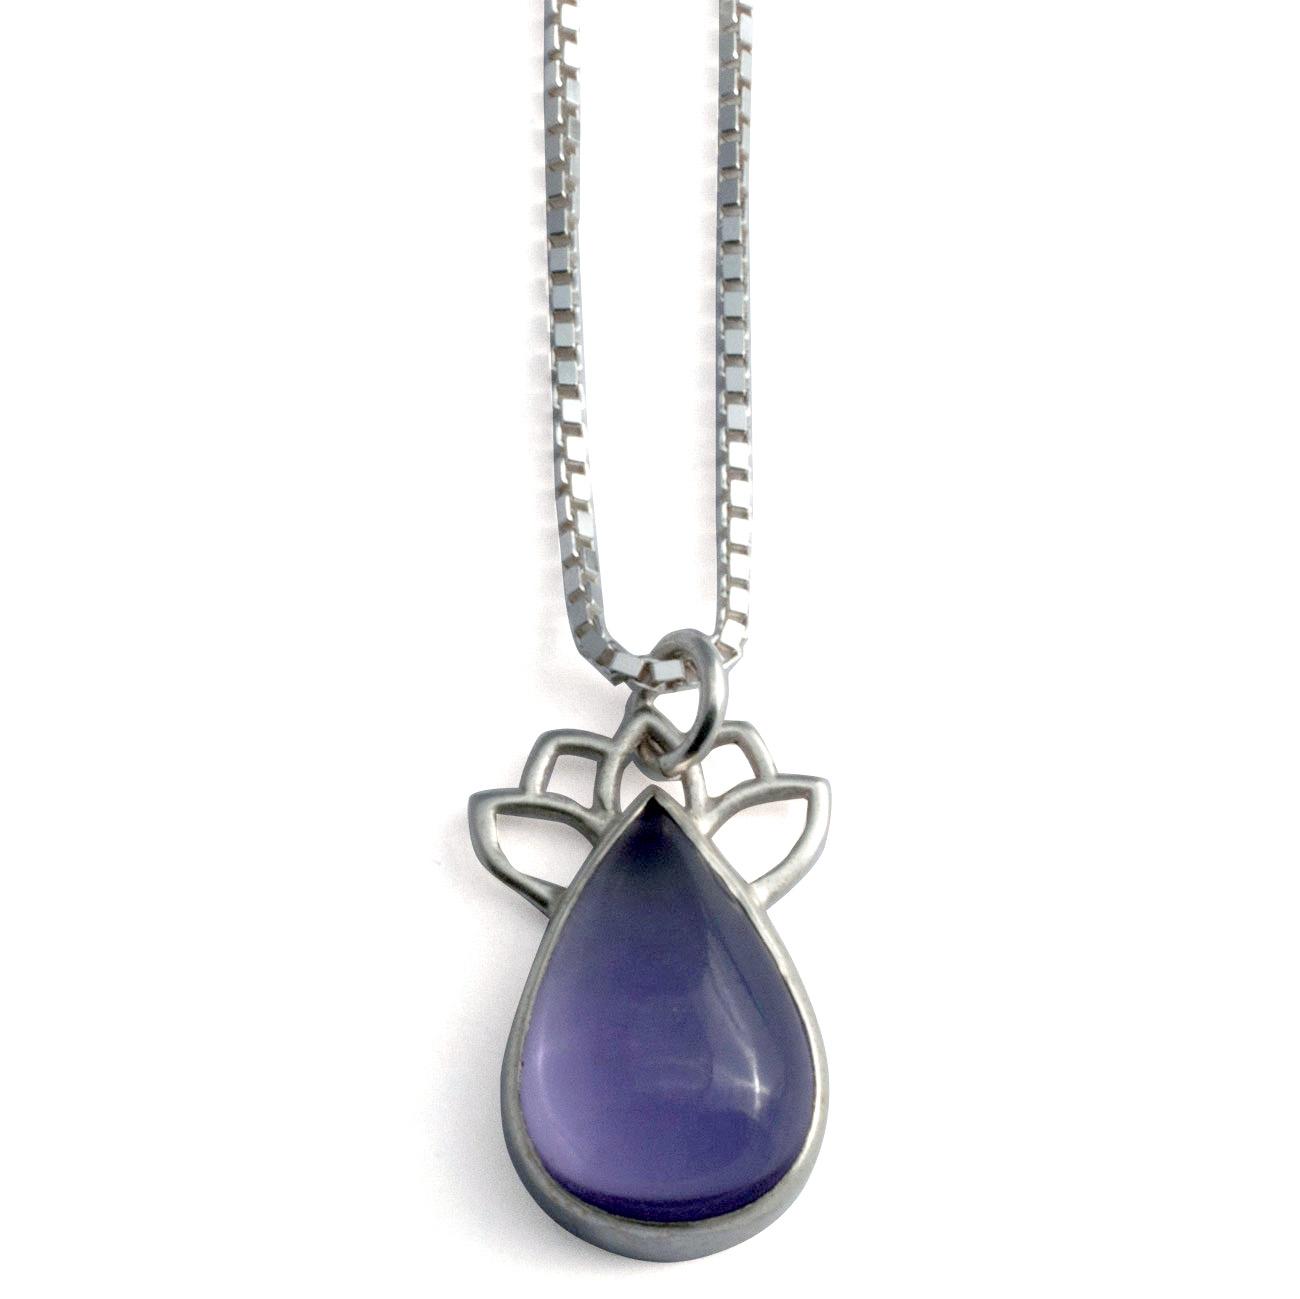 54a-purple-amethyst-teardrop-silver-pendant-necklace.jpg